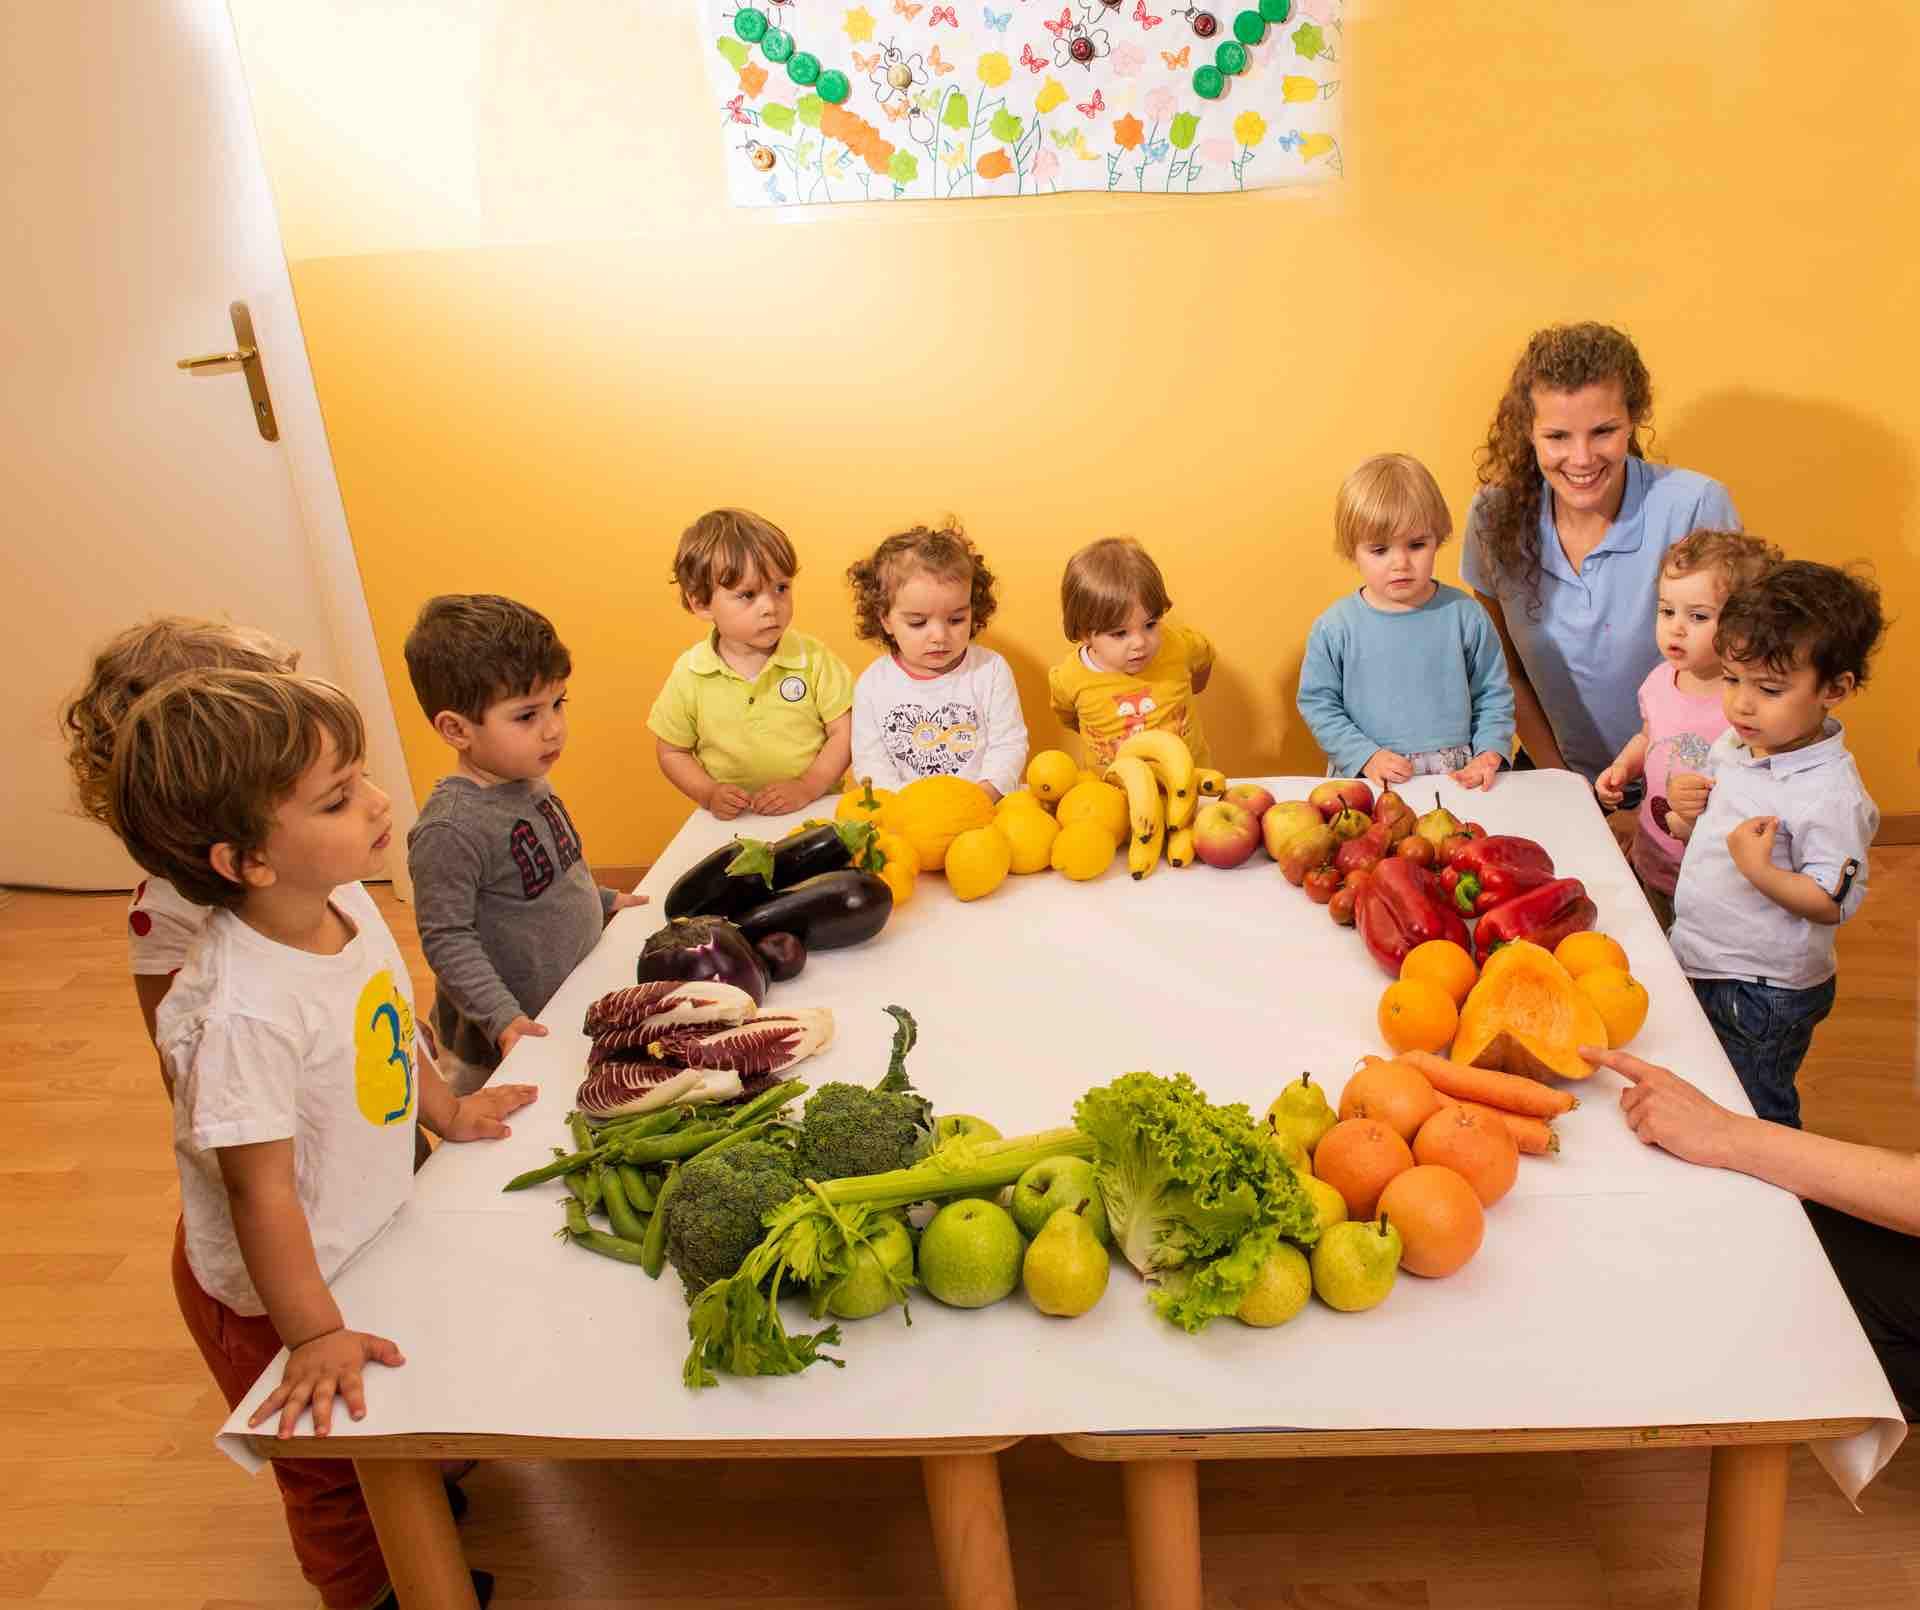 meraviglioso mondo – asilo milano testi zuretti suzzani – alimentazione – cucina interna_ART6841